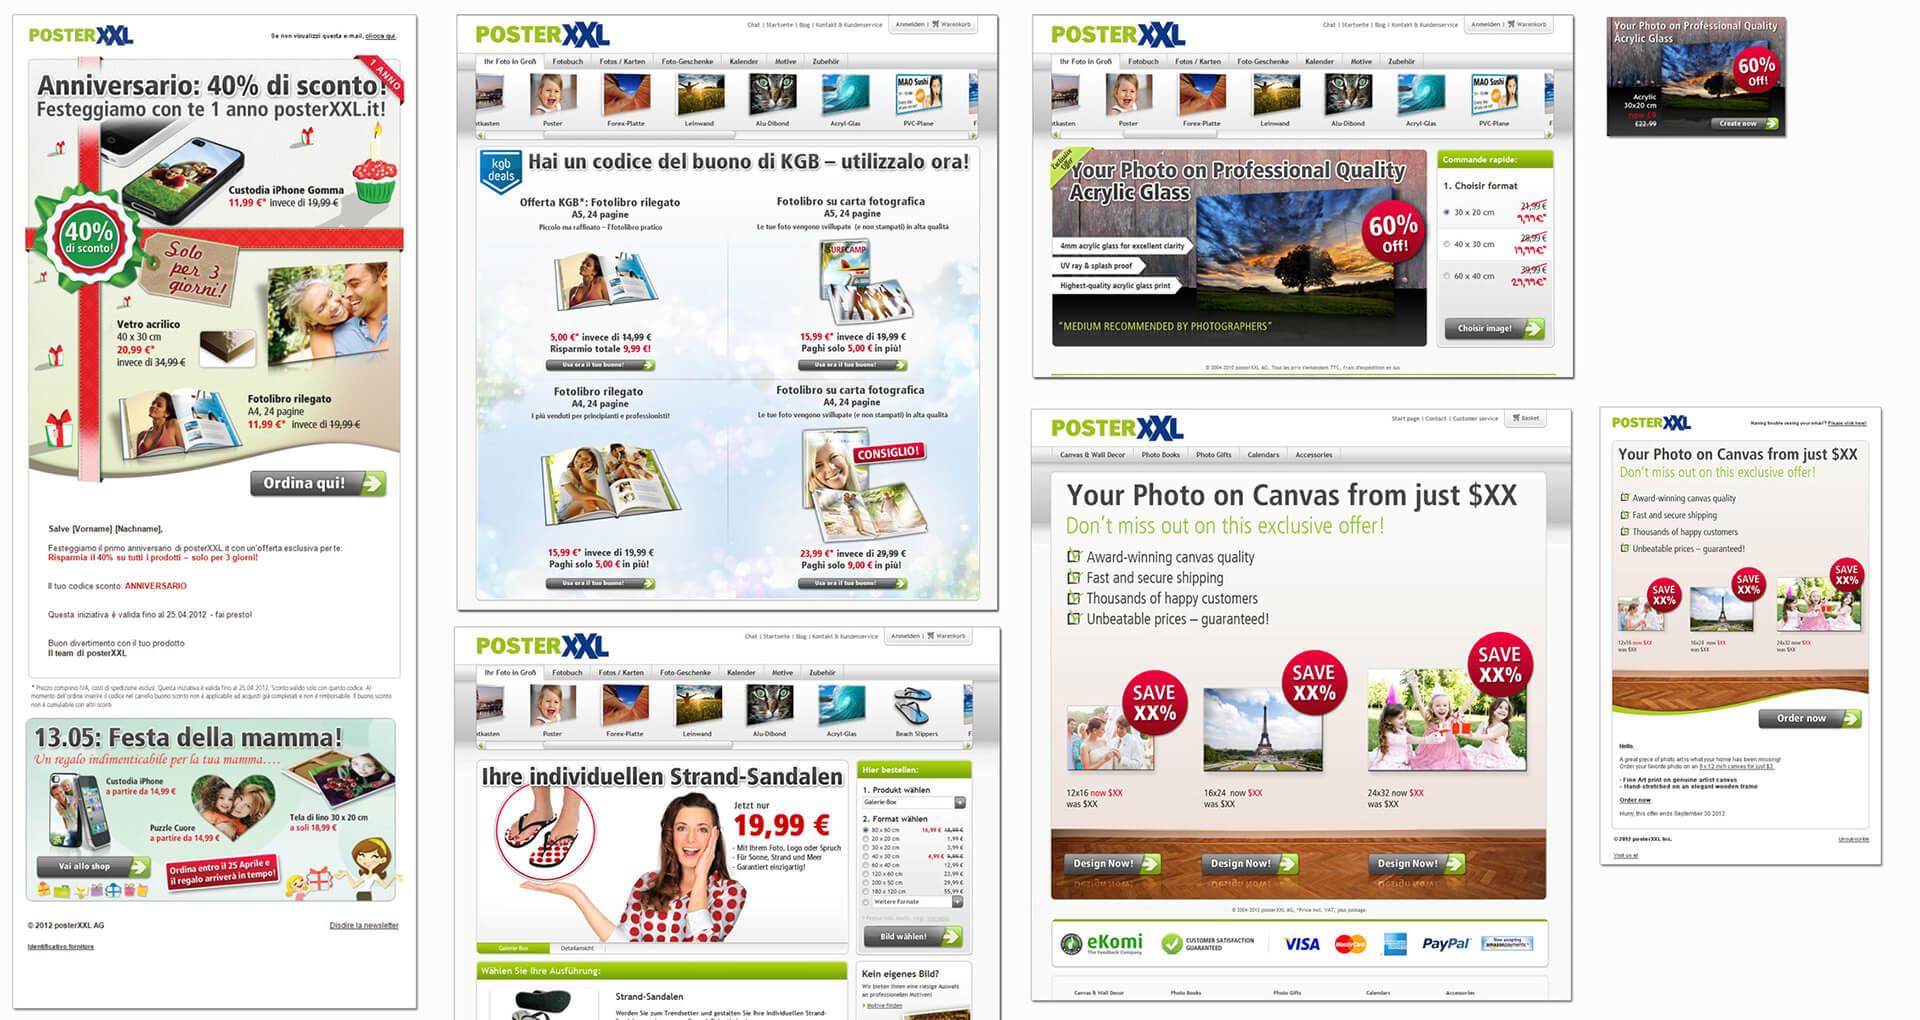 webdesign online marketing responsive wordpress html5 css newsletter banner 24